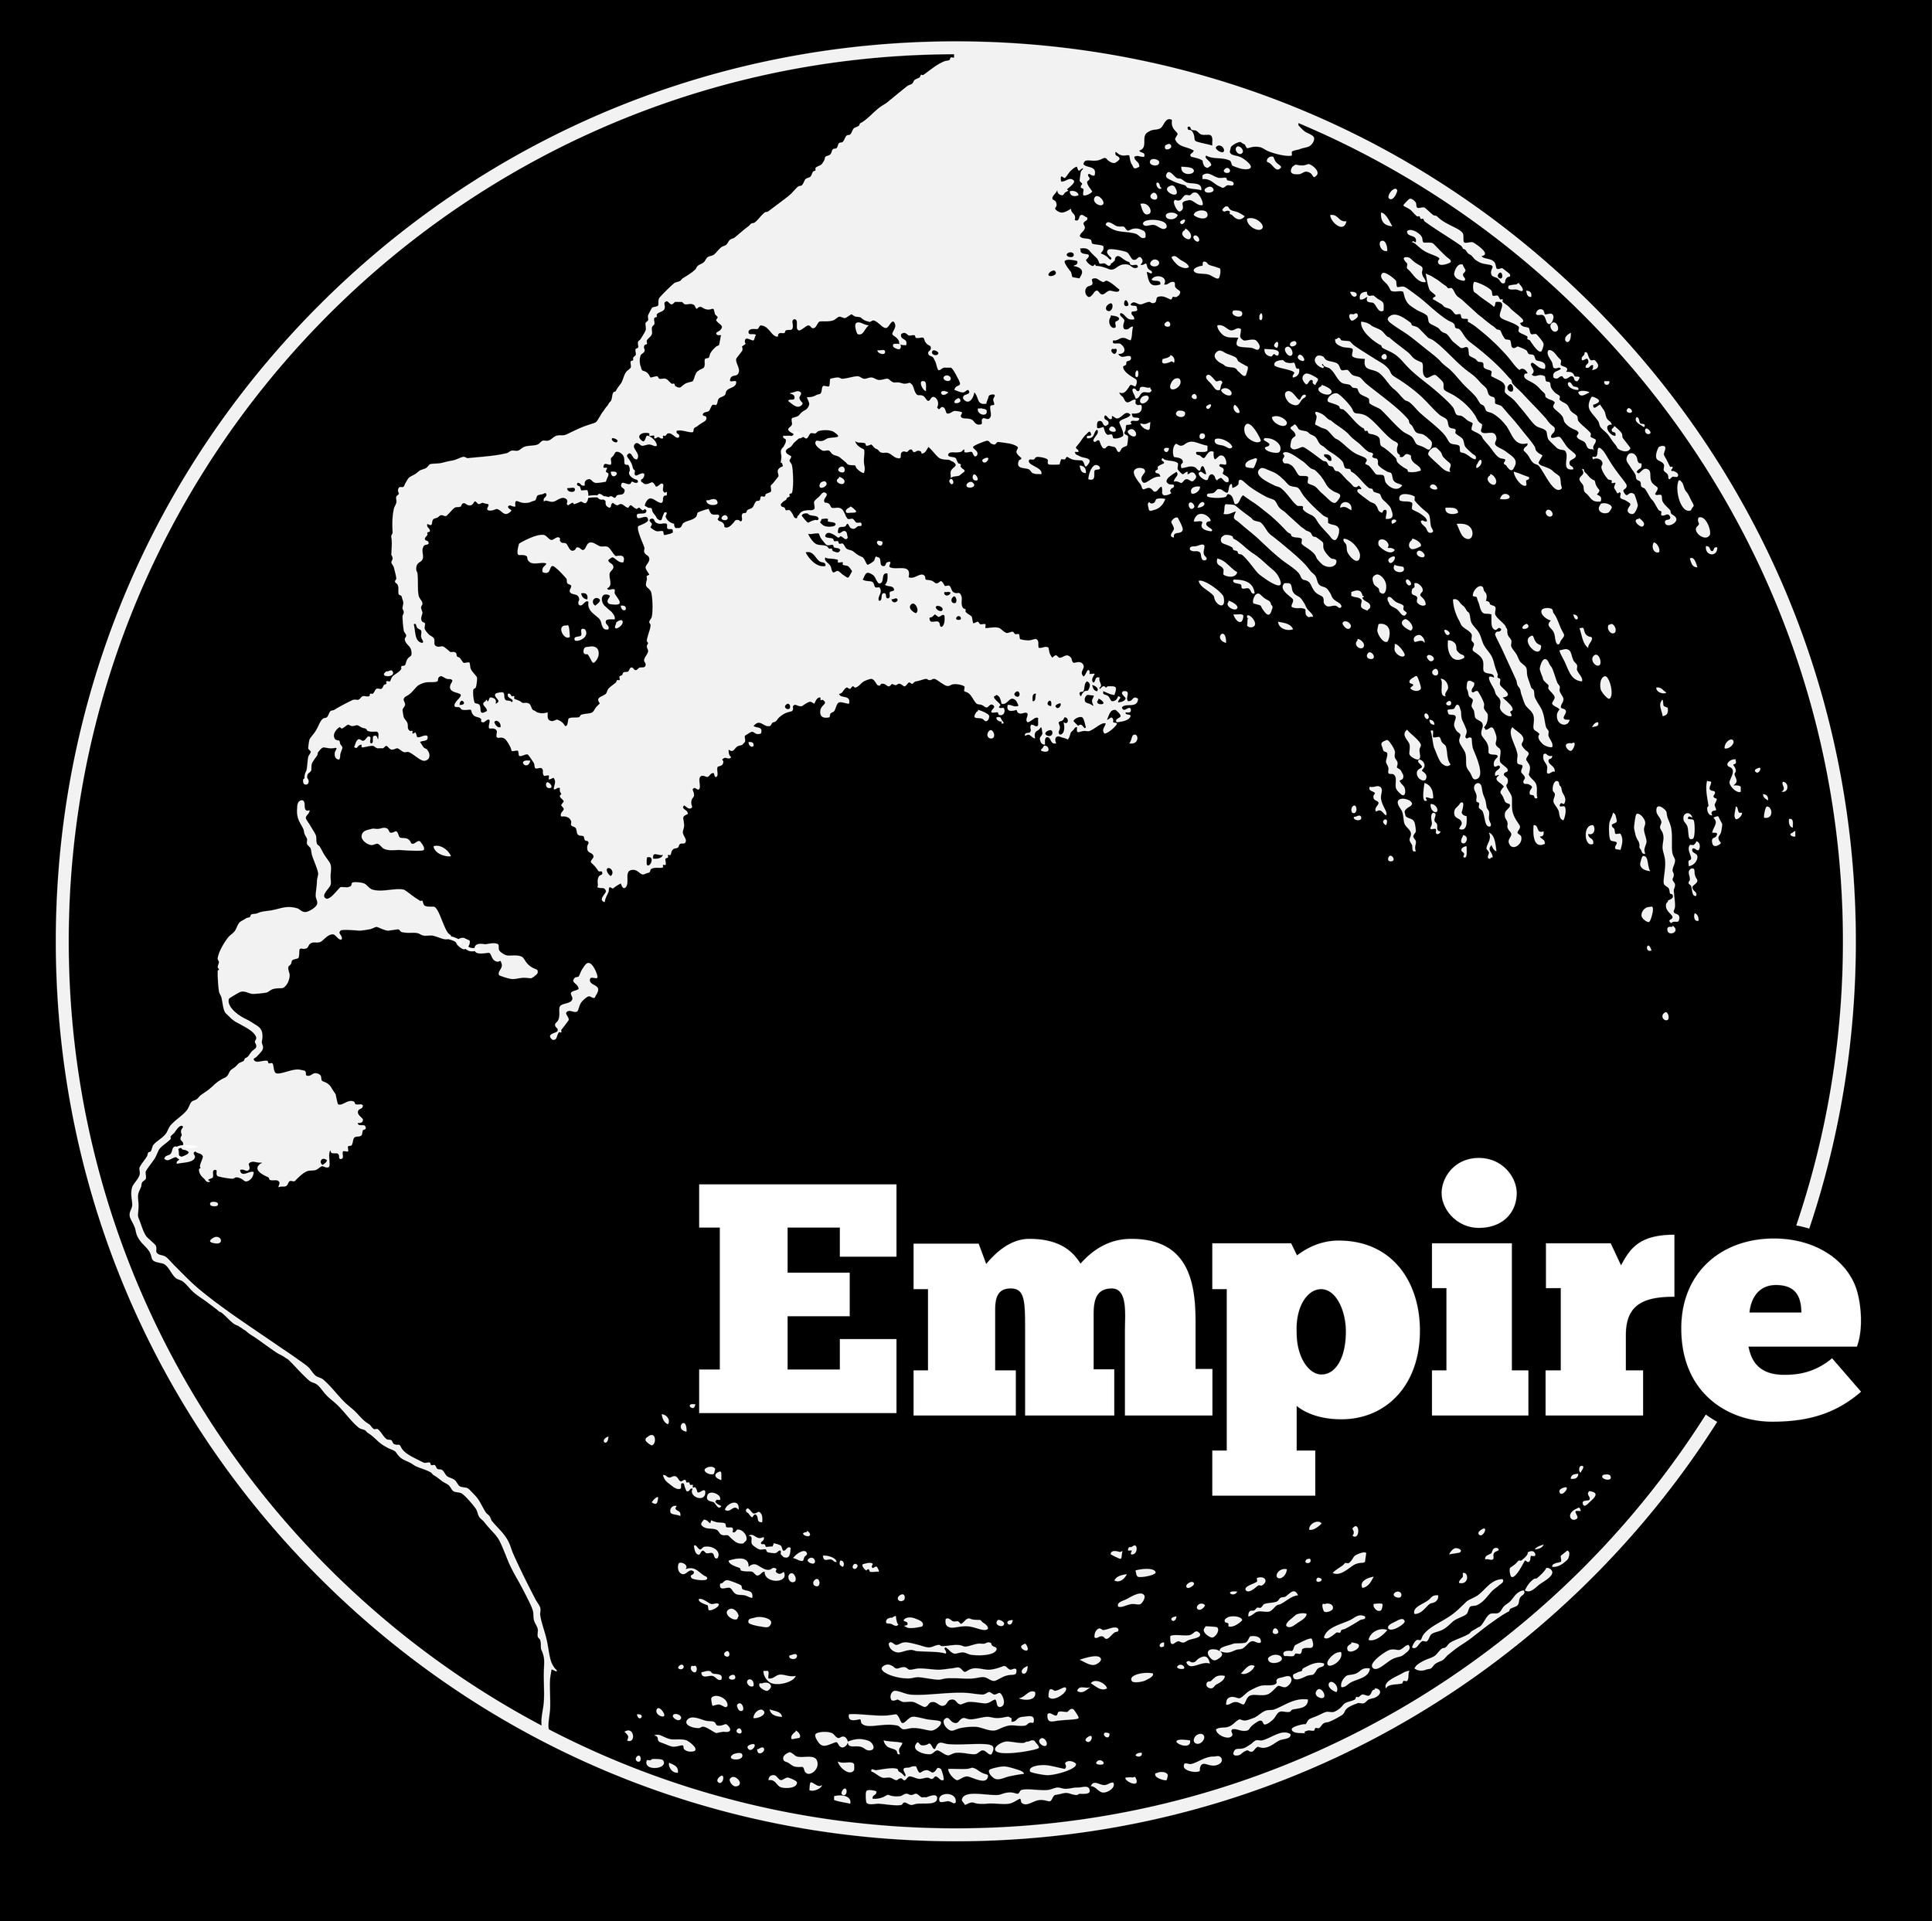 Empire_Show_Logo-1 (1).jpg